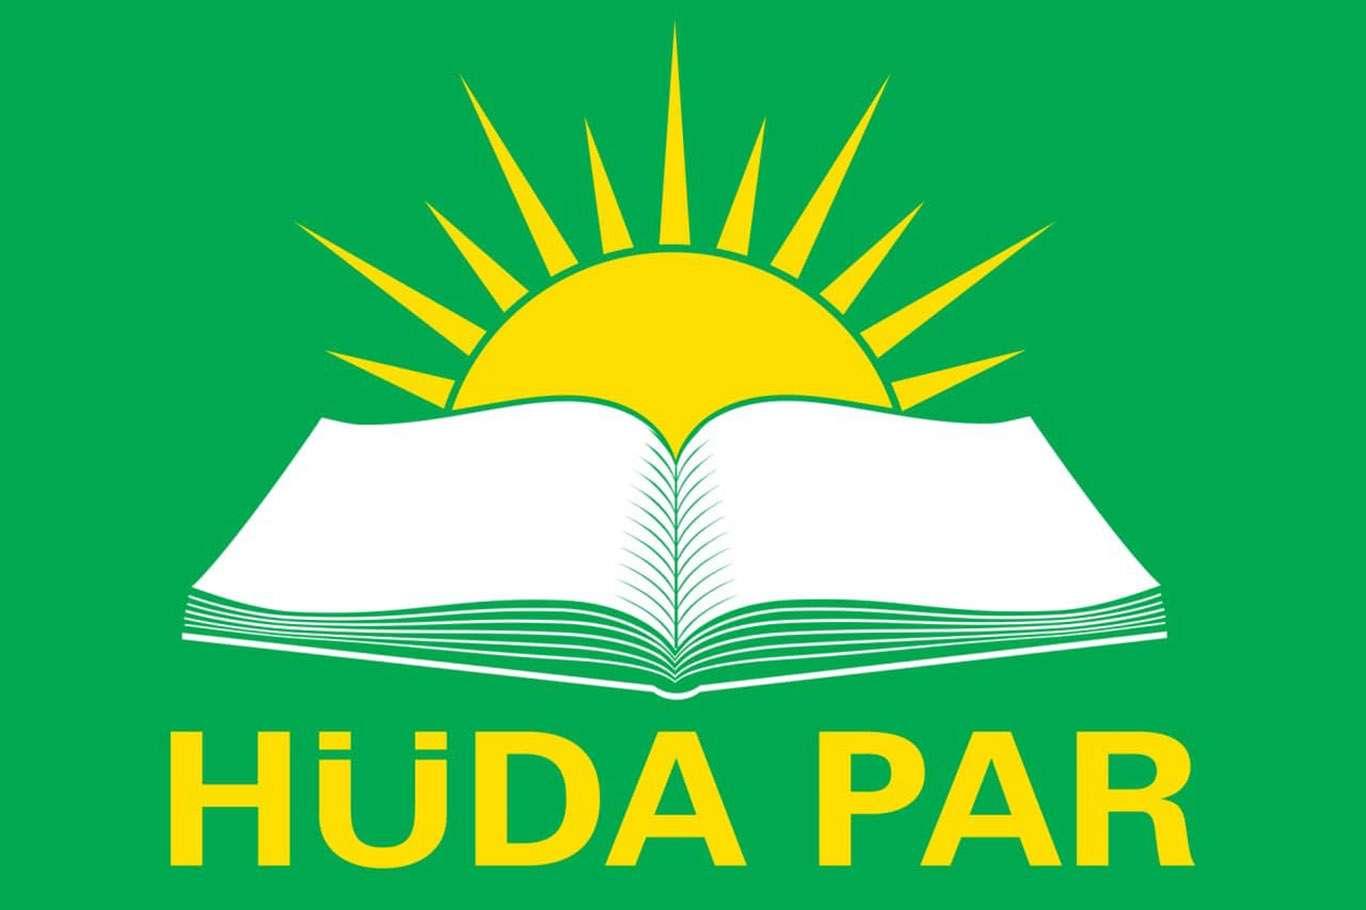 HÜDA PAR 4'üncü Olağan Büyük Kongresi 2 Haziran'da